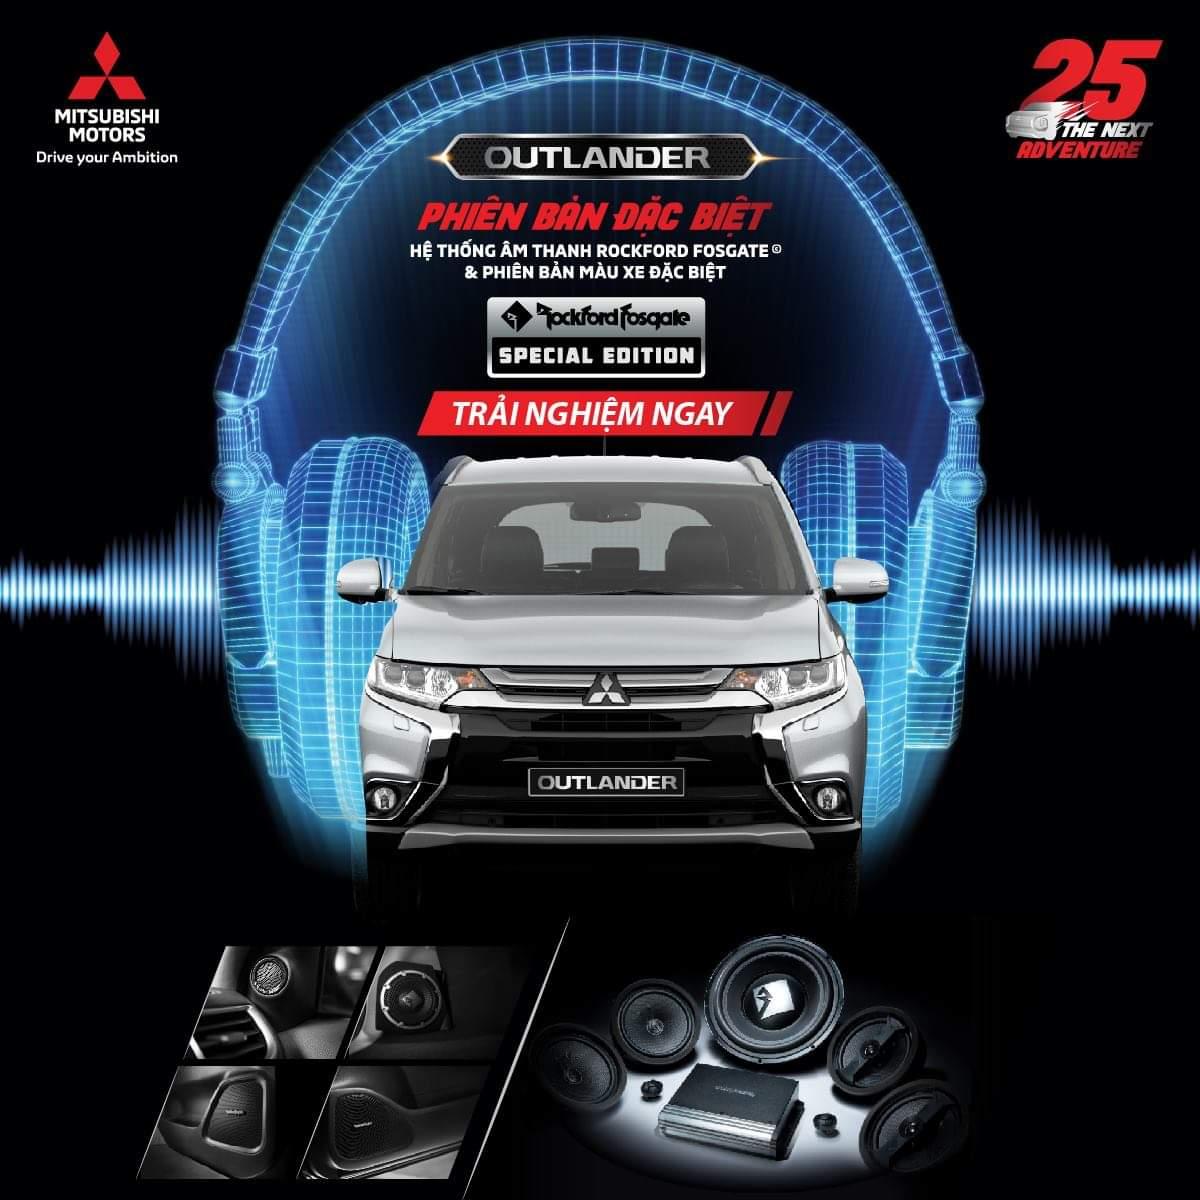 Mitsubishi Outlander Phiên bản đặc biệt Special Edition